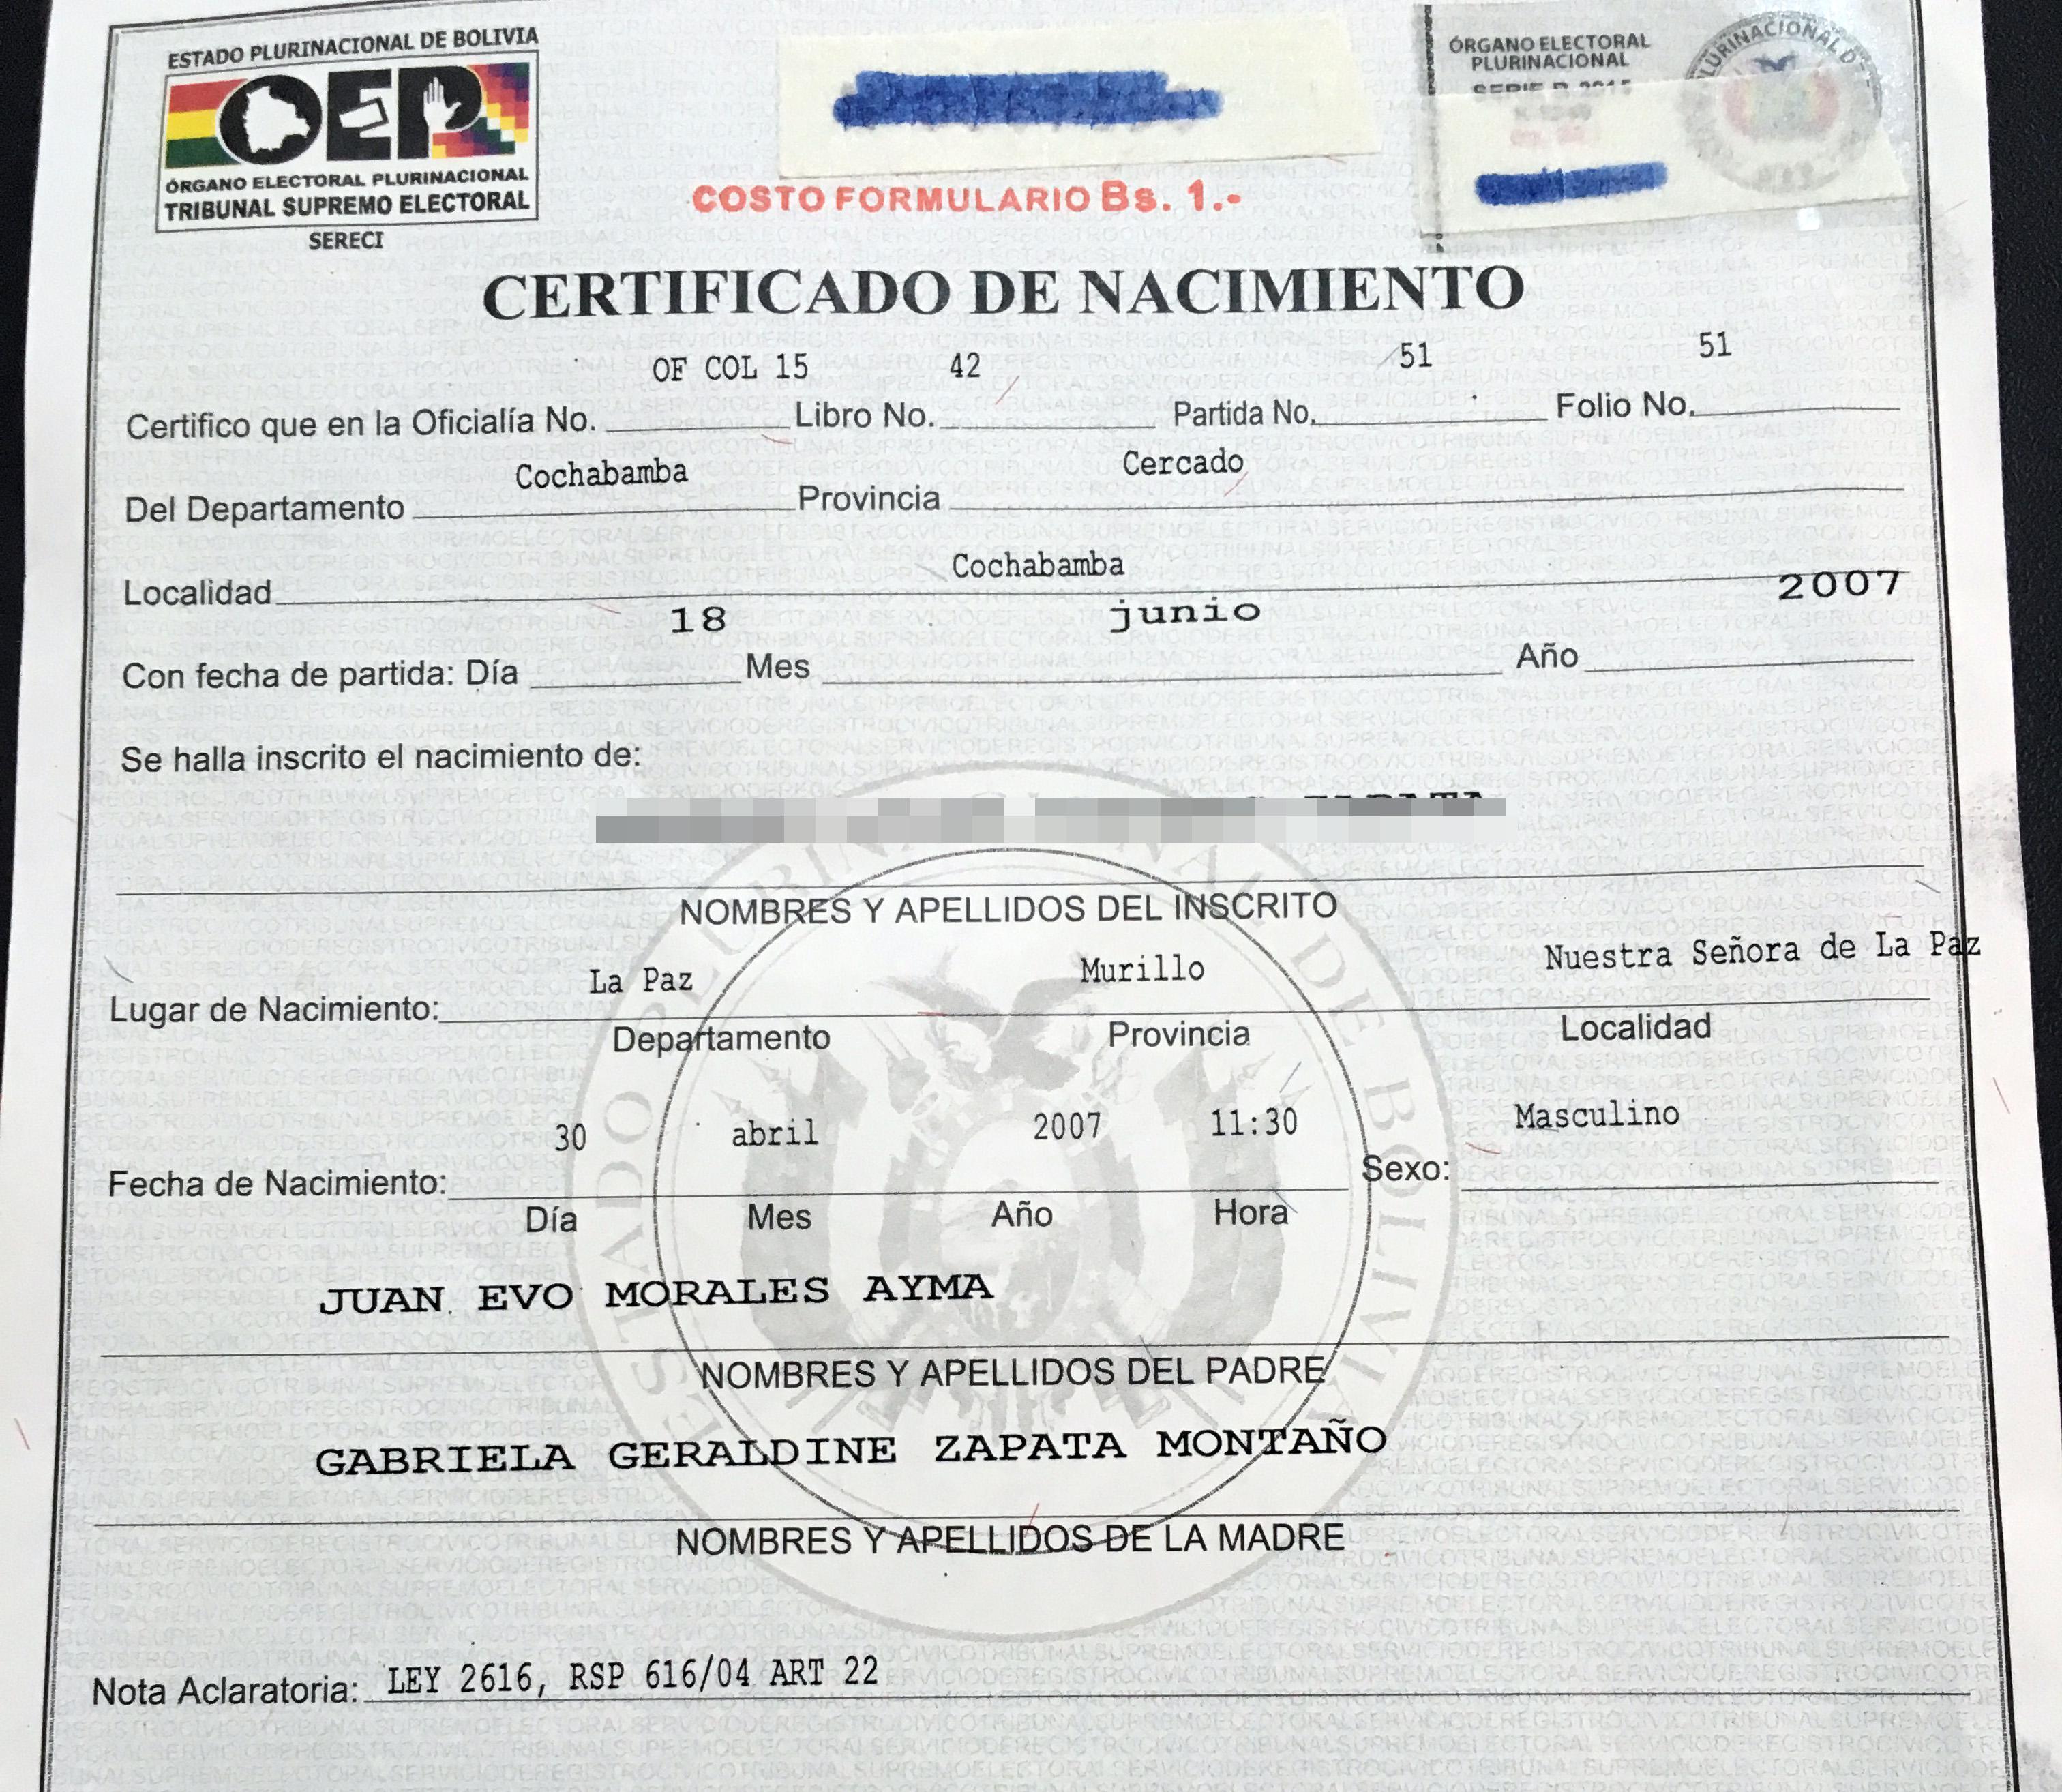 certificadonacimiento